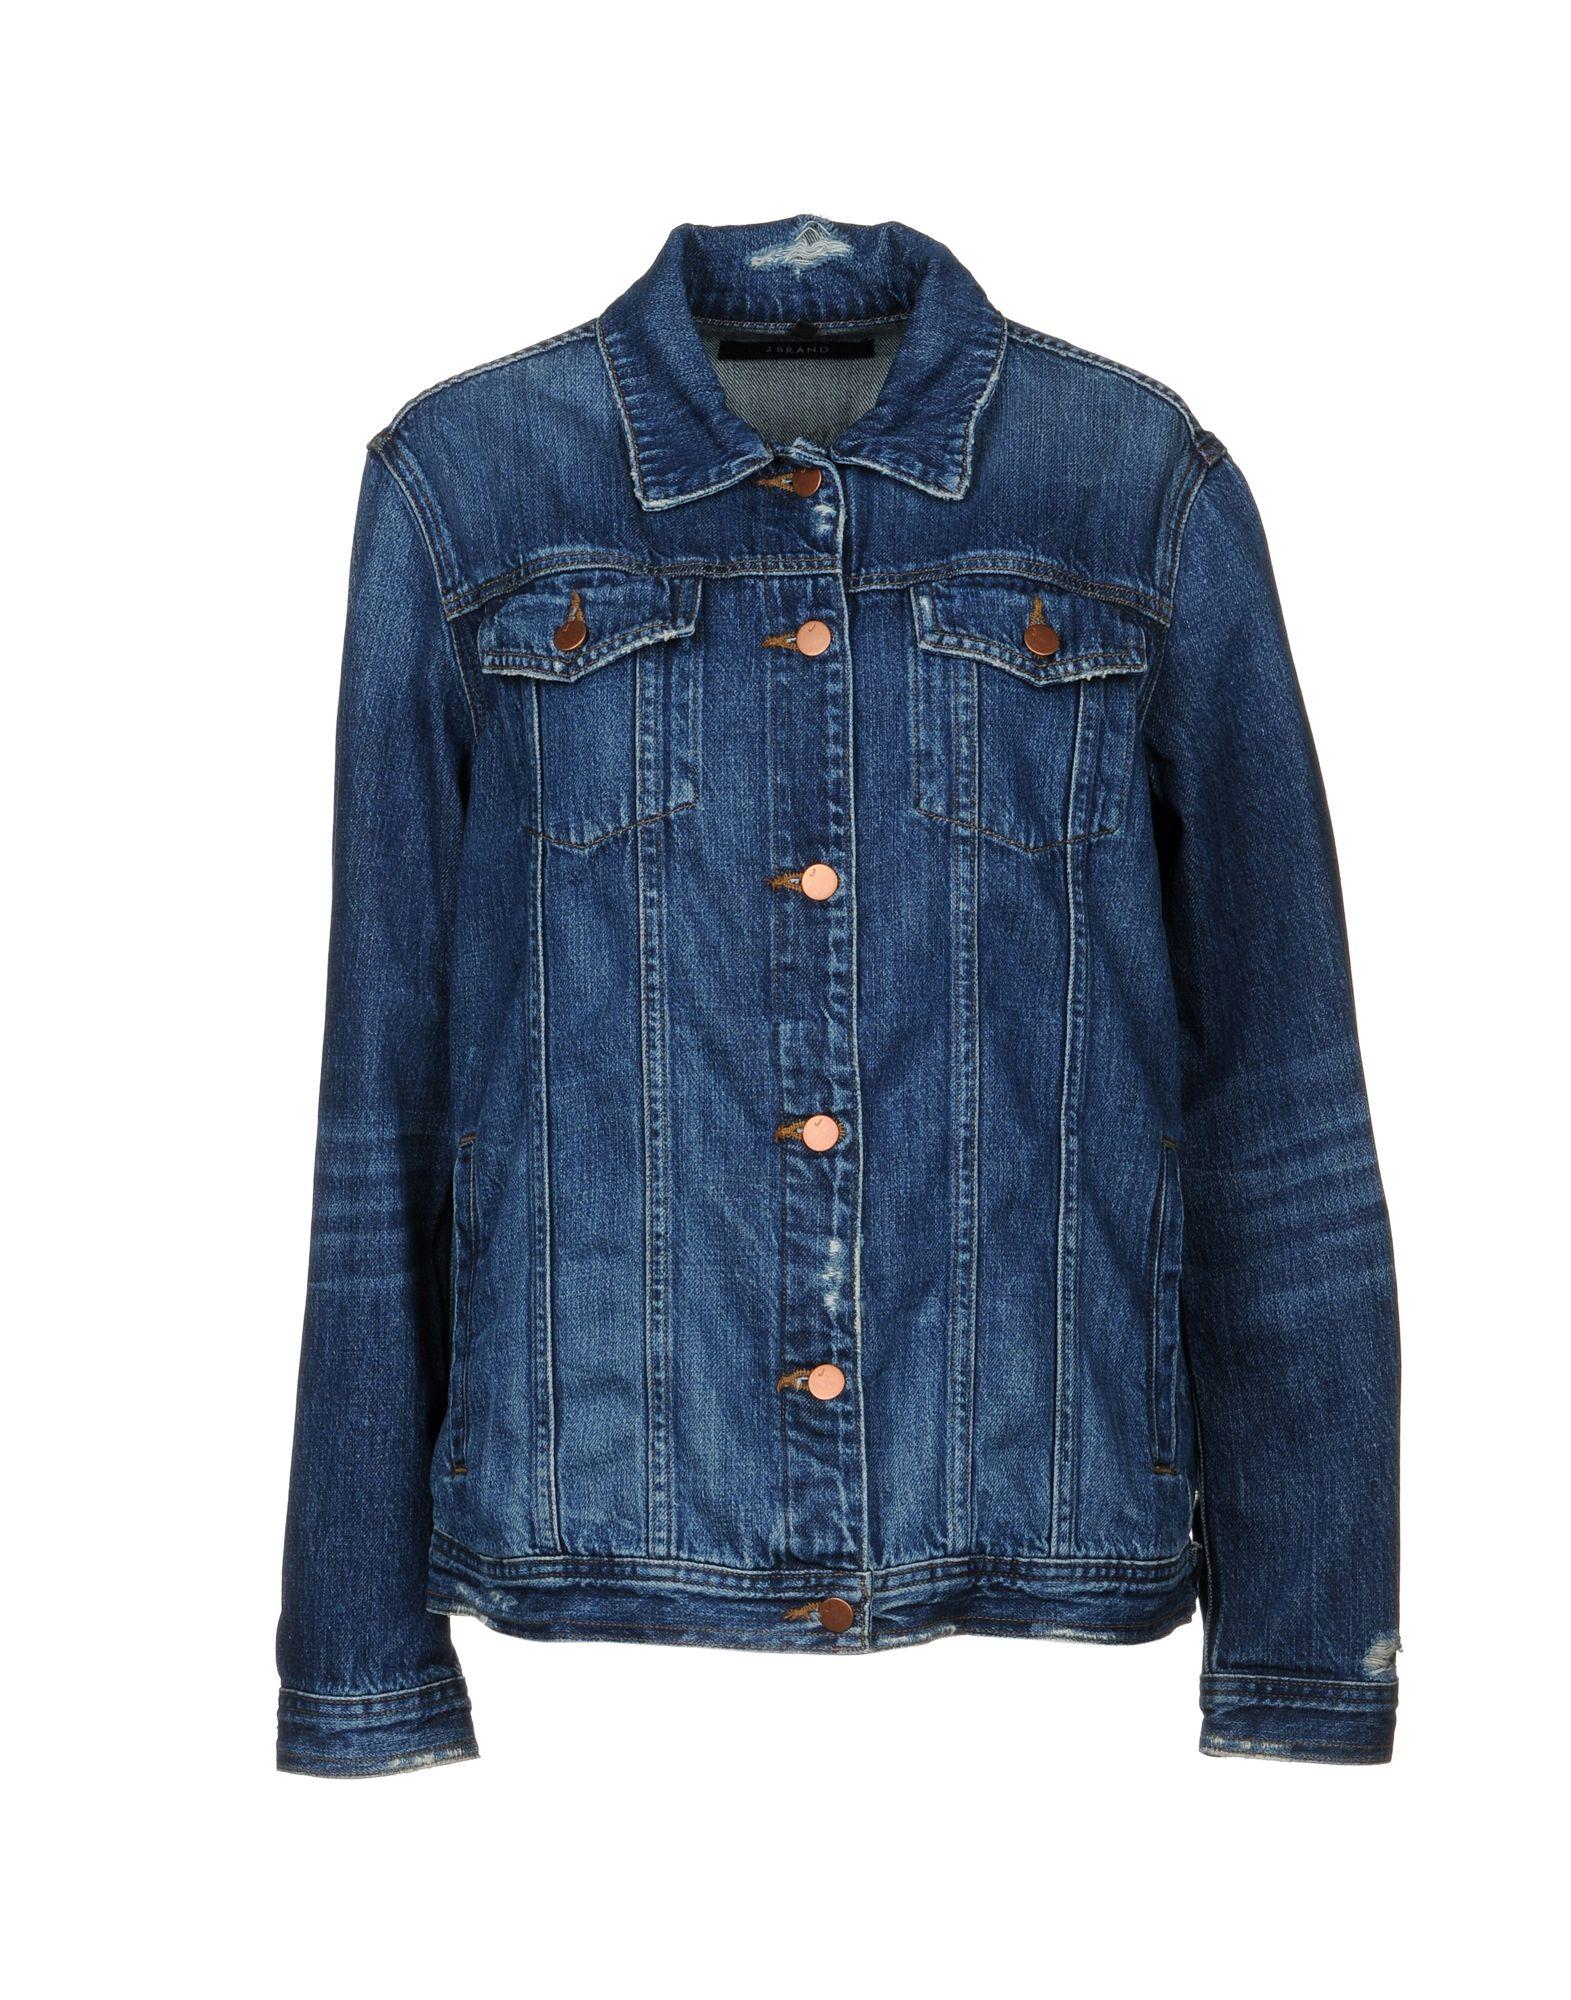 Giubbotto Jeans J Brand Donna - Acquista online su Vr58CNUo7L